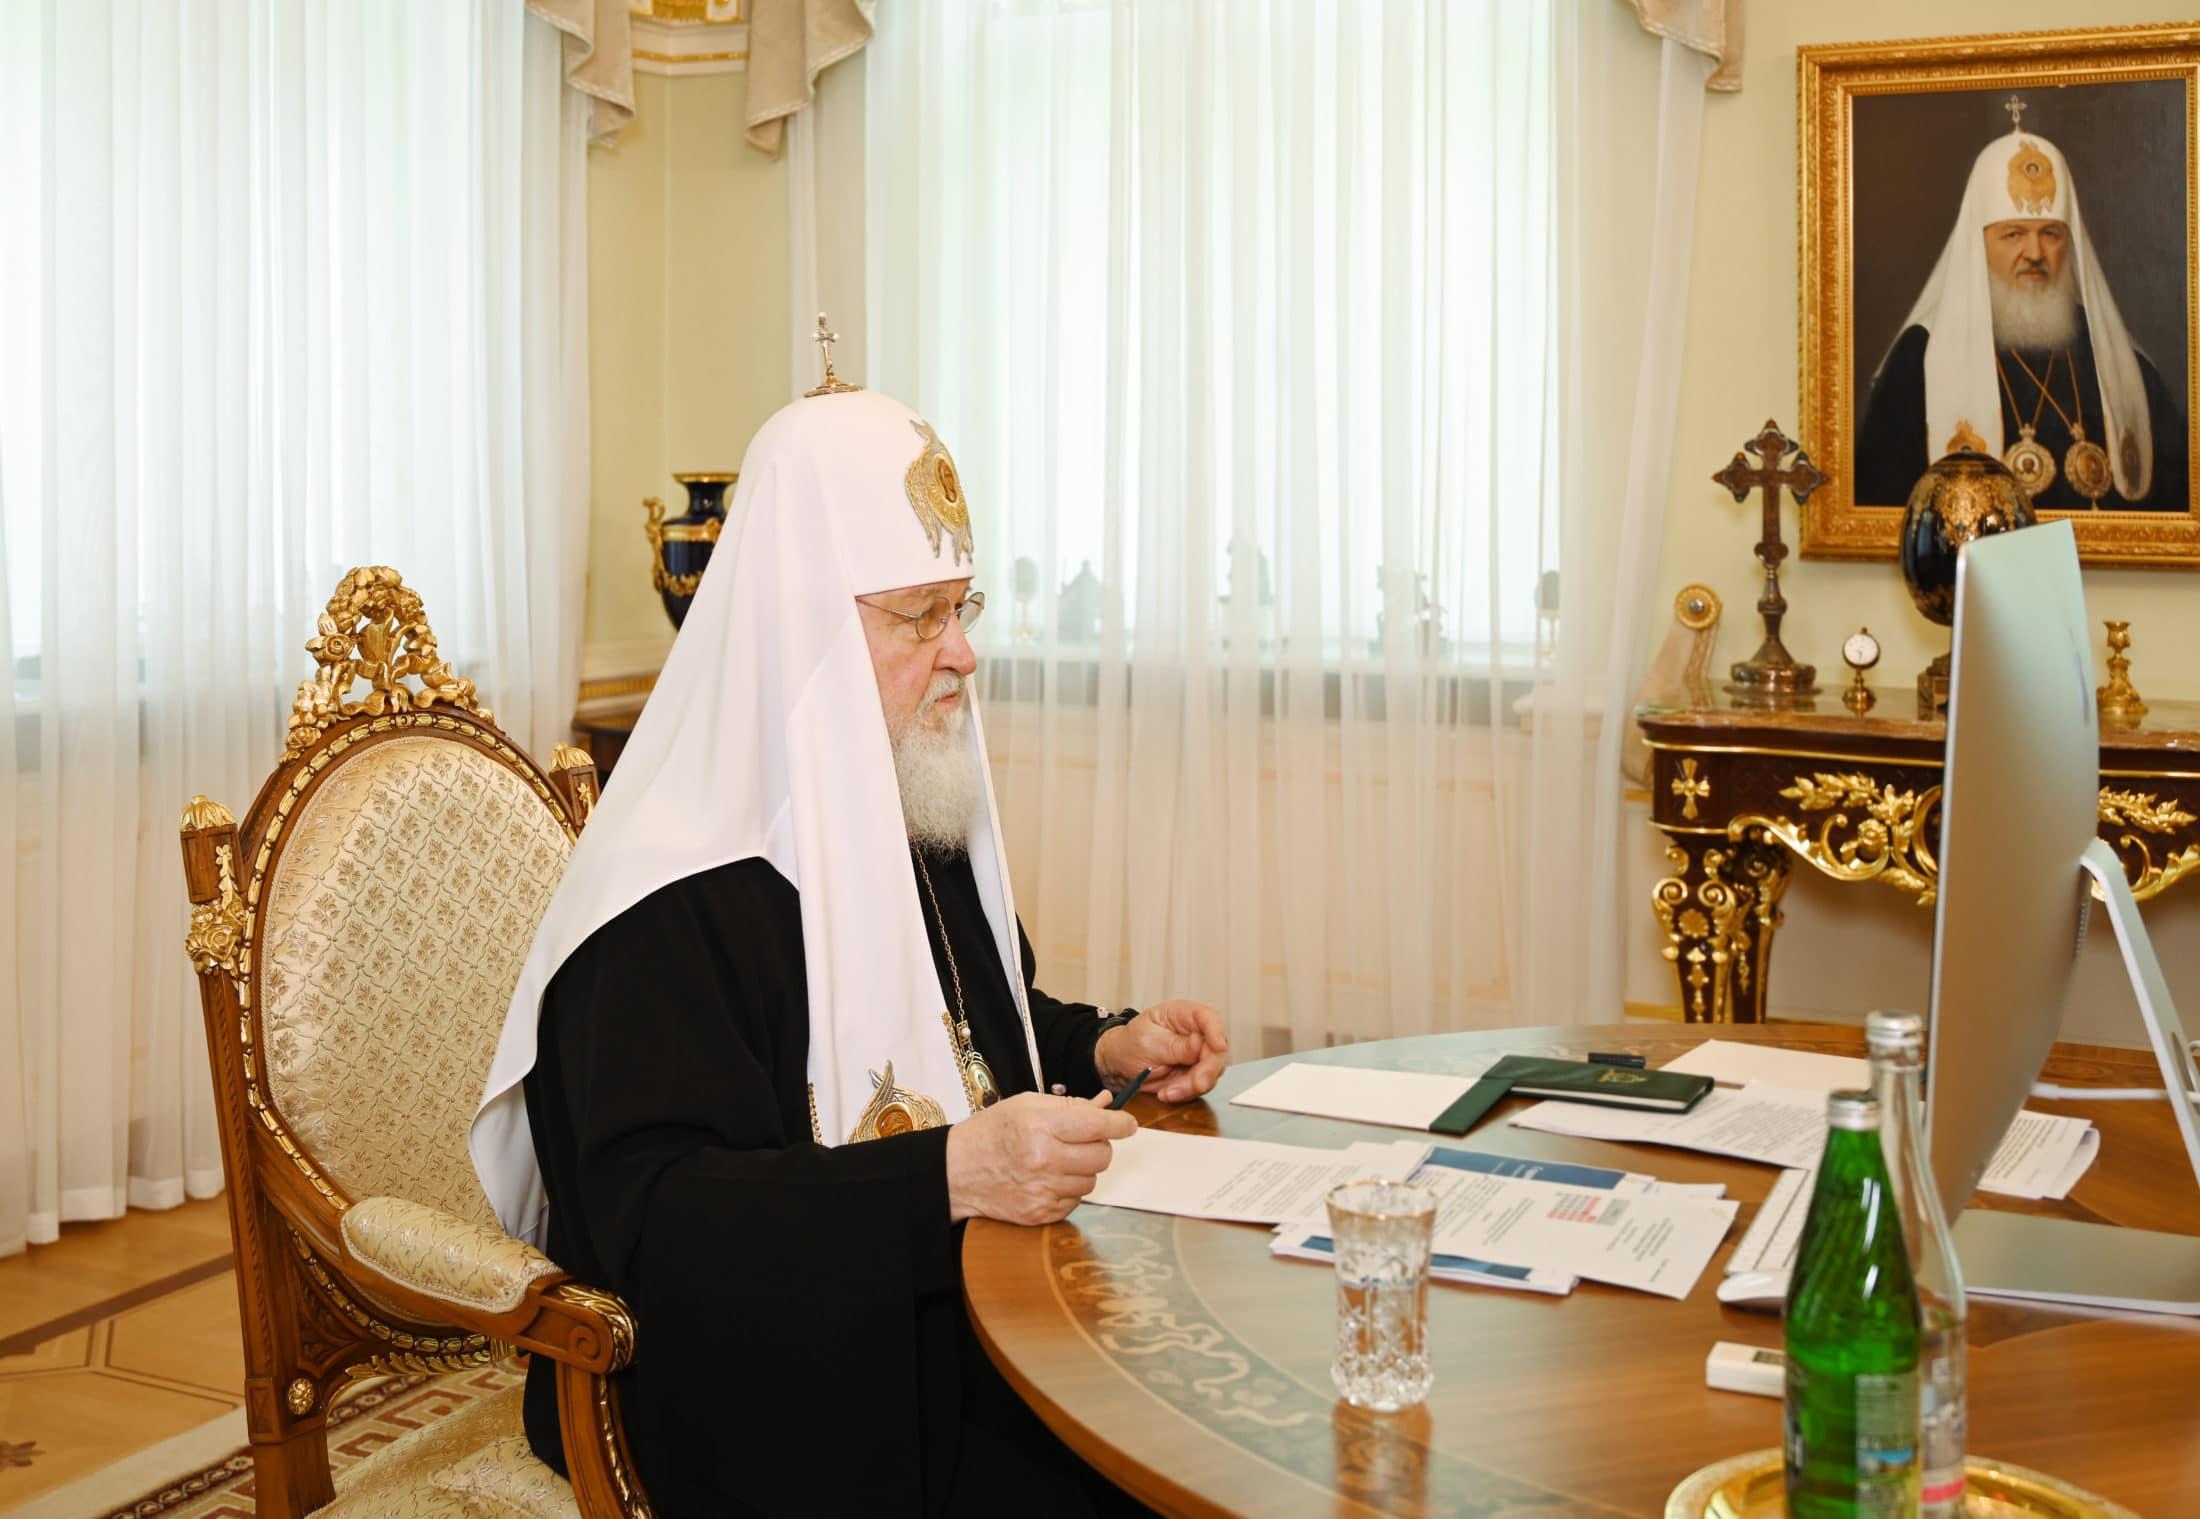 Митрополит Евгений принял участие в заседании Высшего Церковного Совета в дистанционном формате